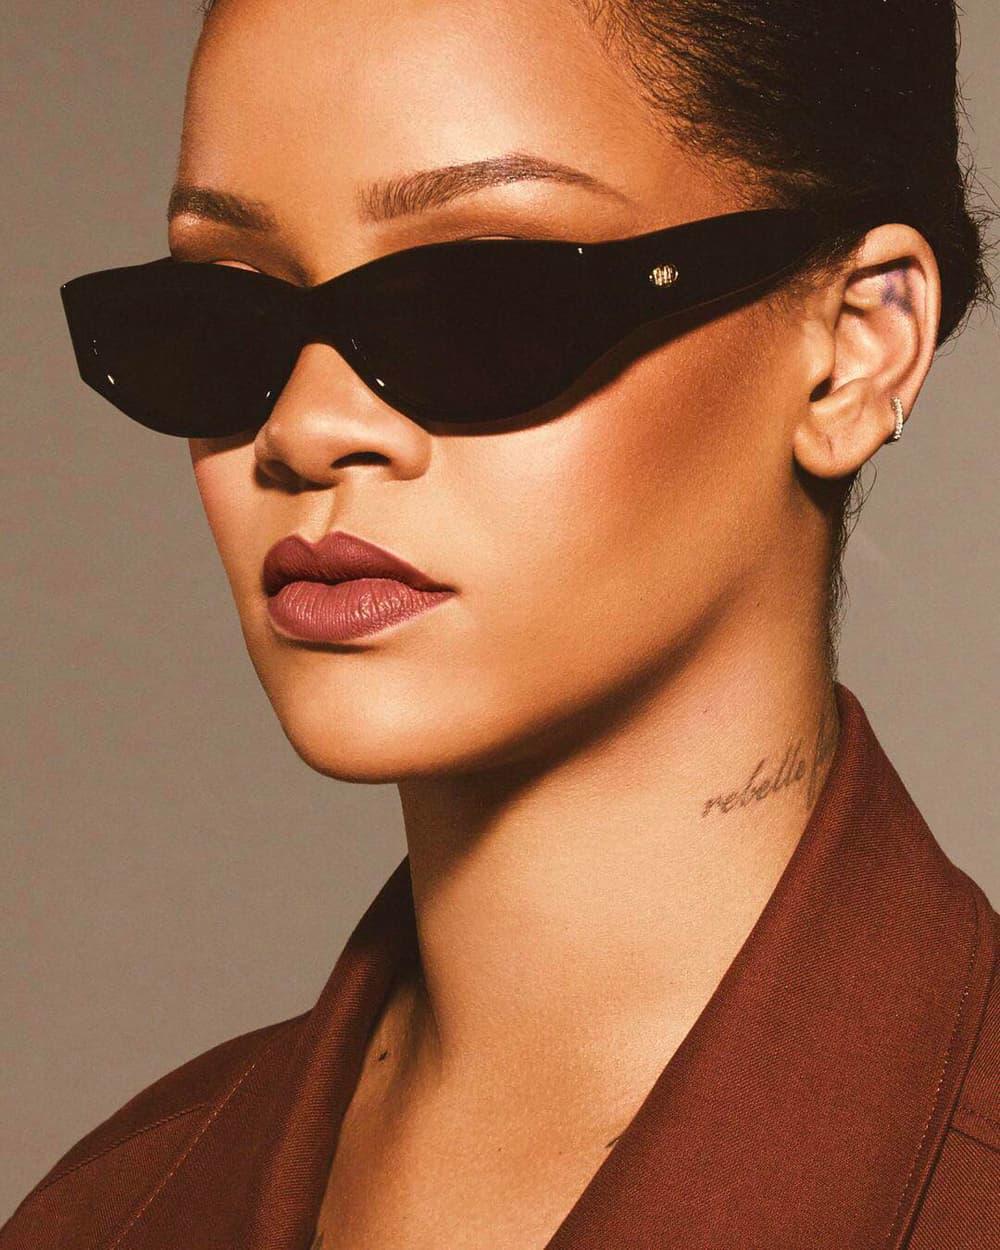 5f69e686f3aa4 Rihanna Fenty Beauty Uncuffed Stunna Lip Paint Lipstick Crap Eyewear The Funk  Punk Sunglasses Black